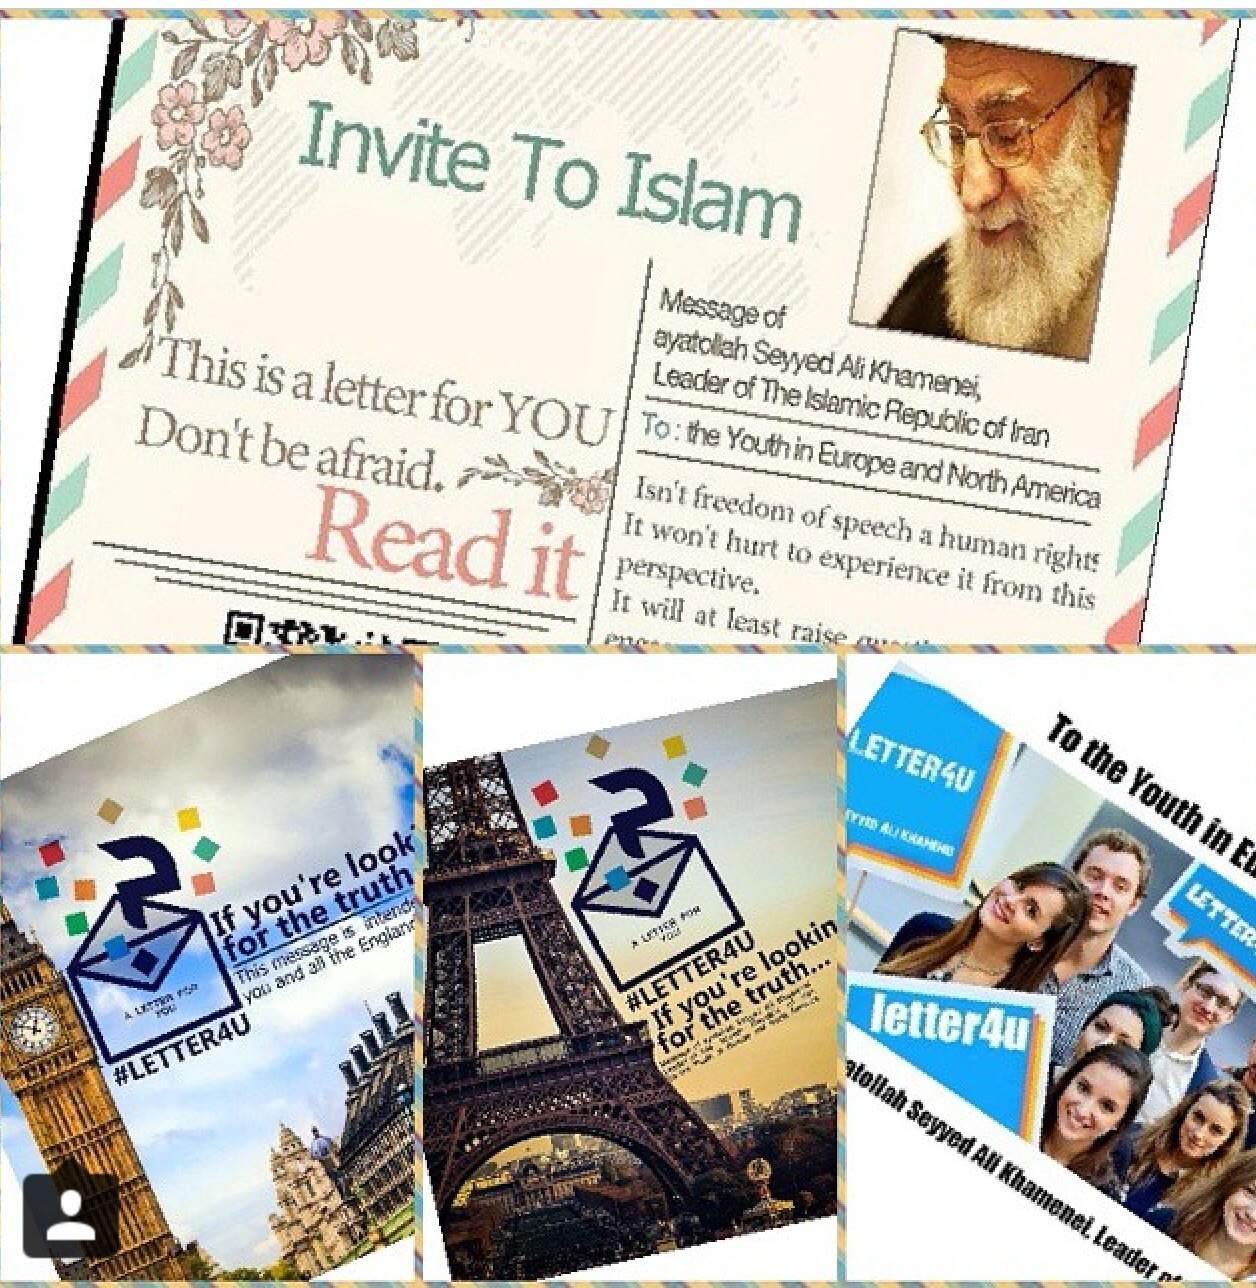 بازتابهای جهانی یک نامه/ رسانهها: نامه رهبر معظم ایران سرگشاده و غیر منتظره بود + متن کامل پیام رهبر انقلاب به جوانان اروپایی و آمریکای شمالی